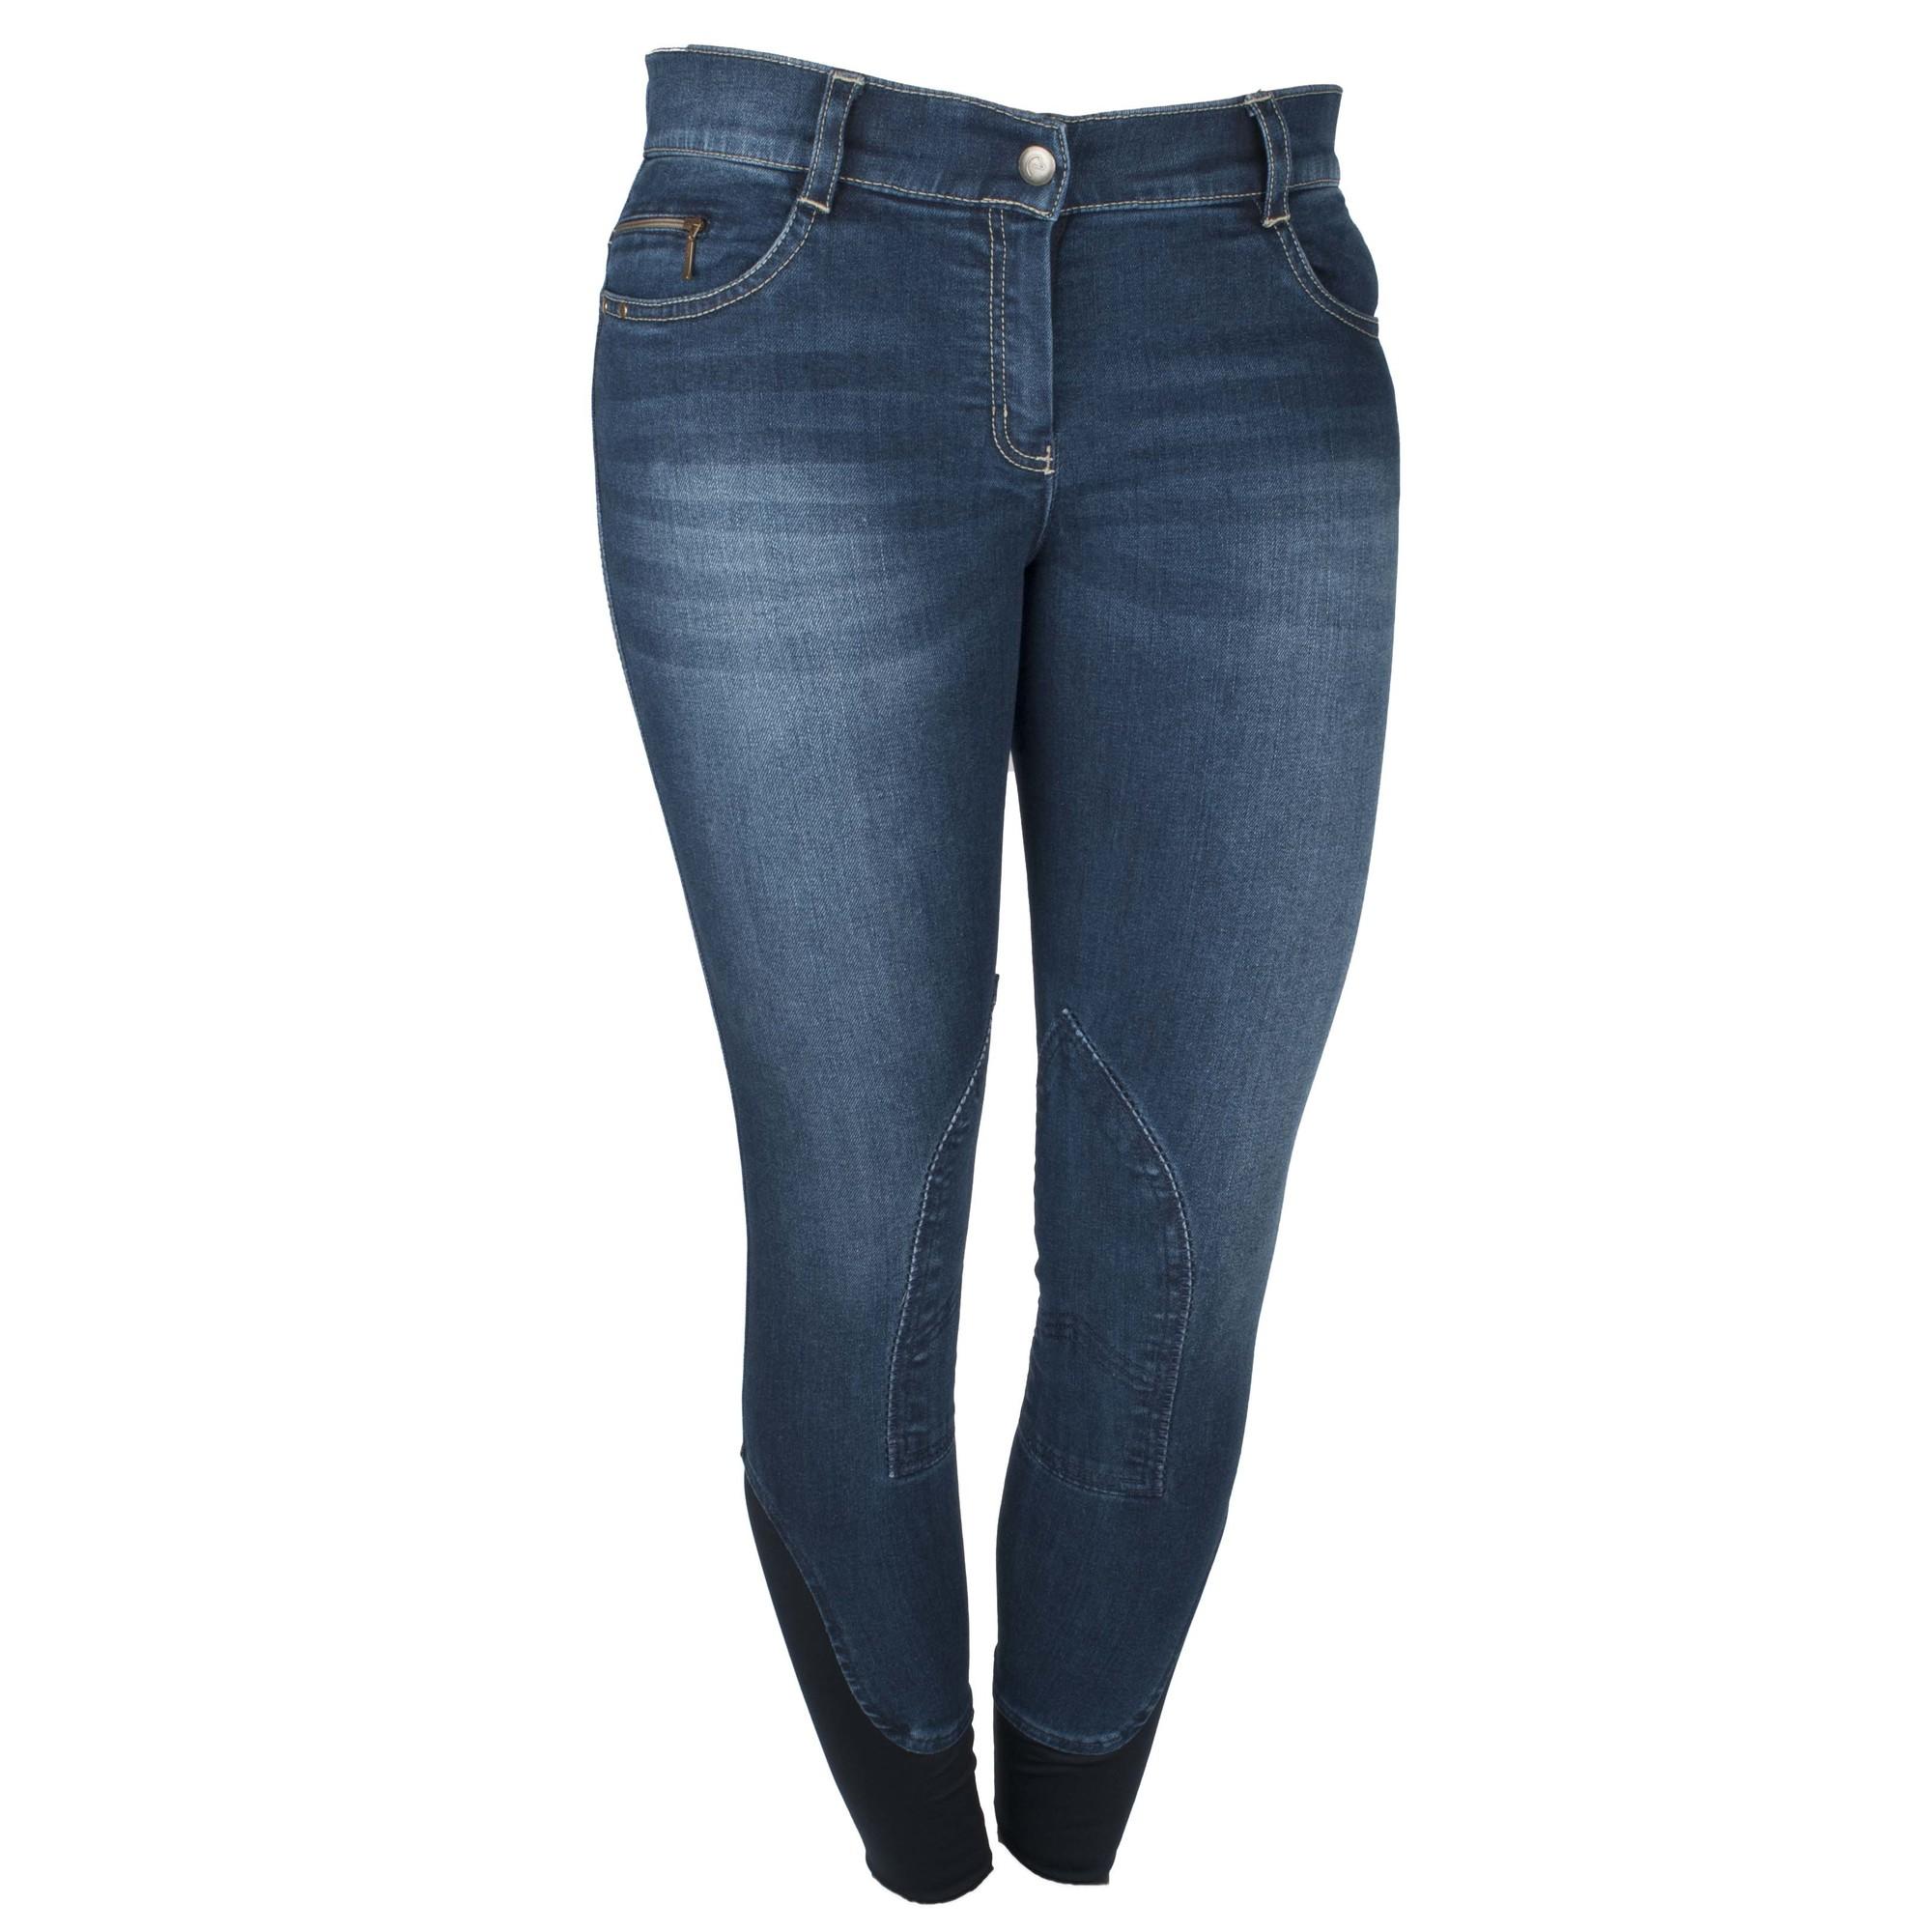 Equitheme Texas jeans rijbroek donkerblauw maat:42